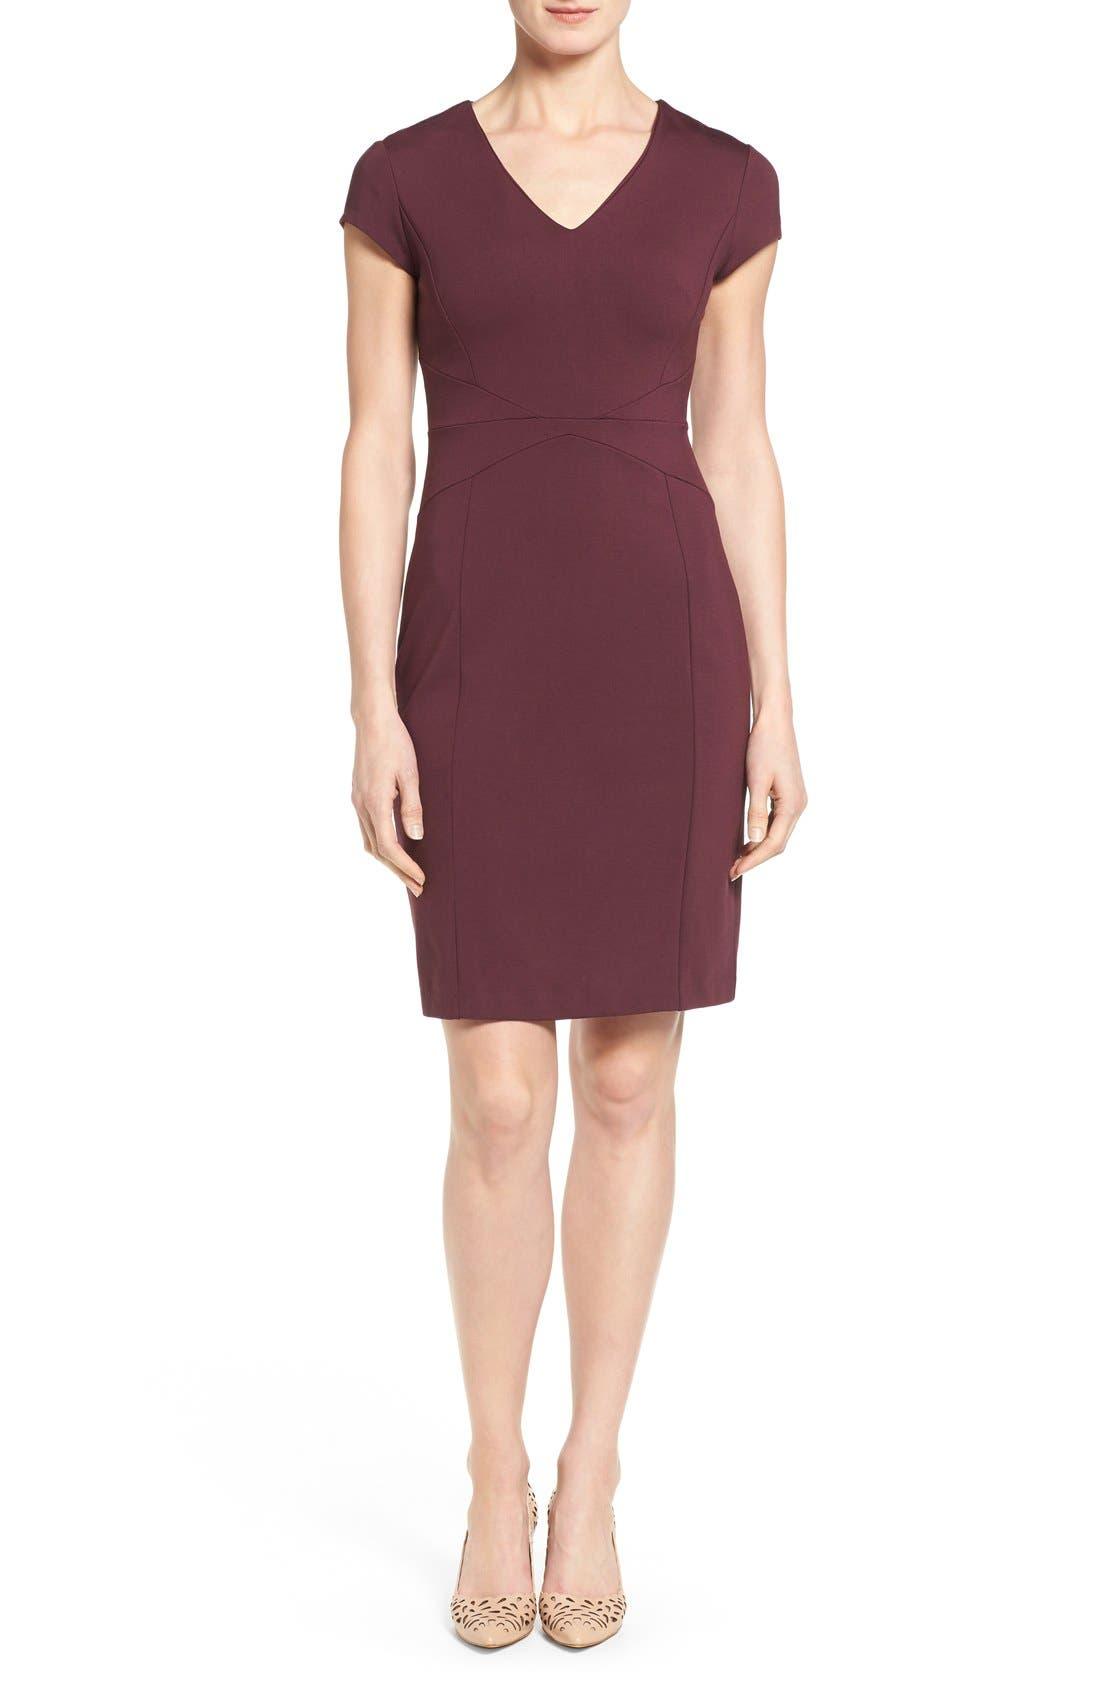 Alternate Image 1 Selected - Halogen® Seamed V-Neck Ponte Sheath Dress (Regular & Petite)